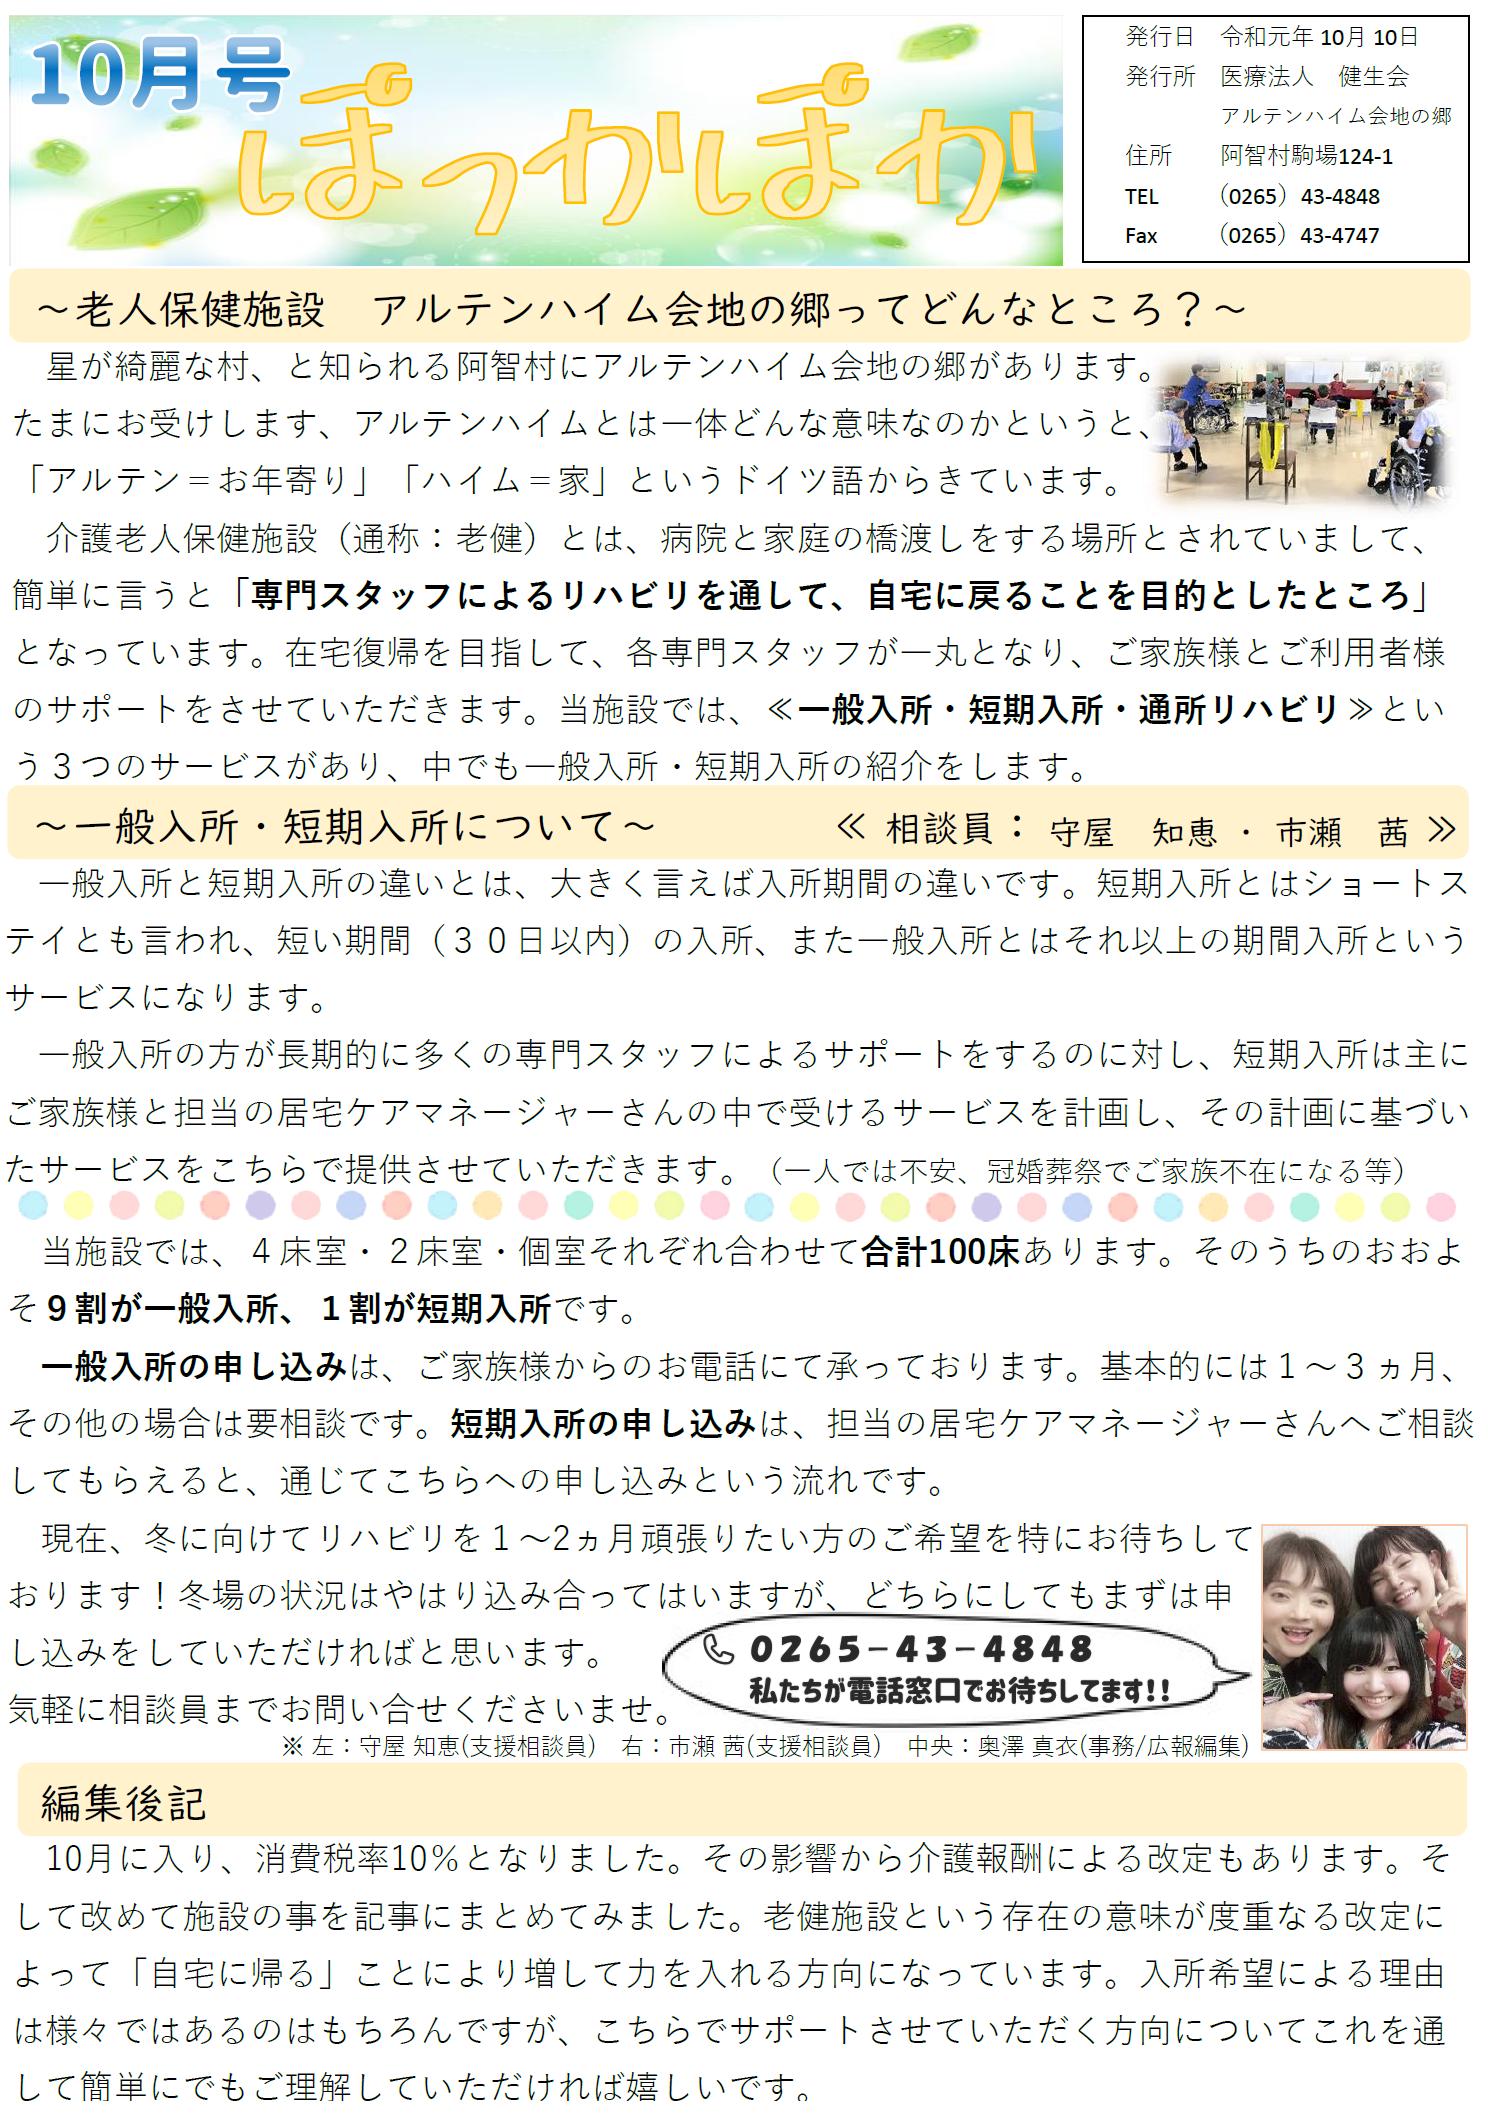 ぽっかぽかR1.10.10.png